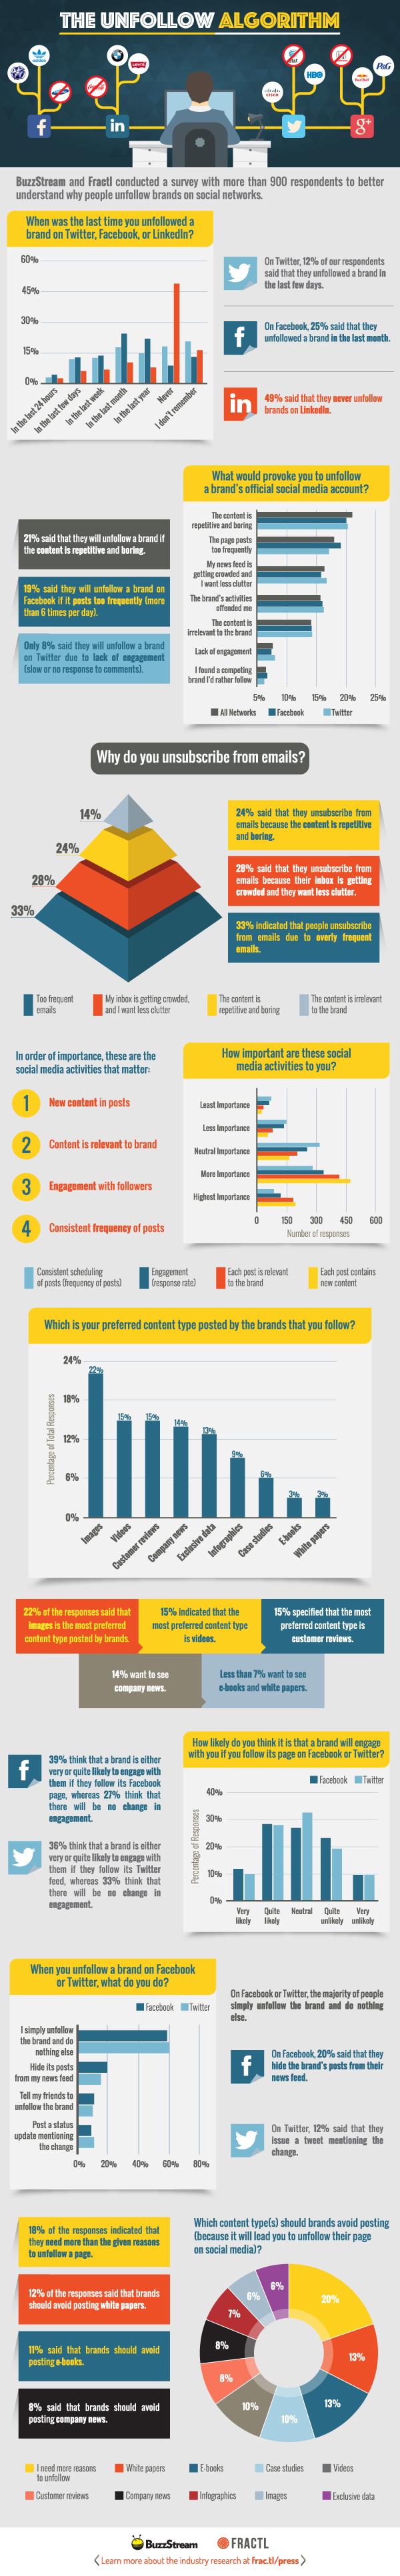 Por qué dejamos de seguir a las marcas en Redes Sociales